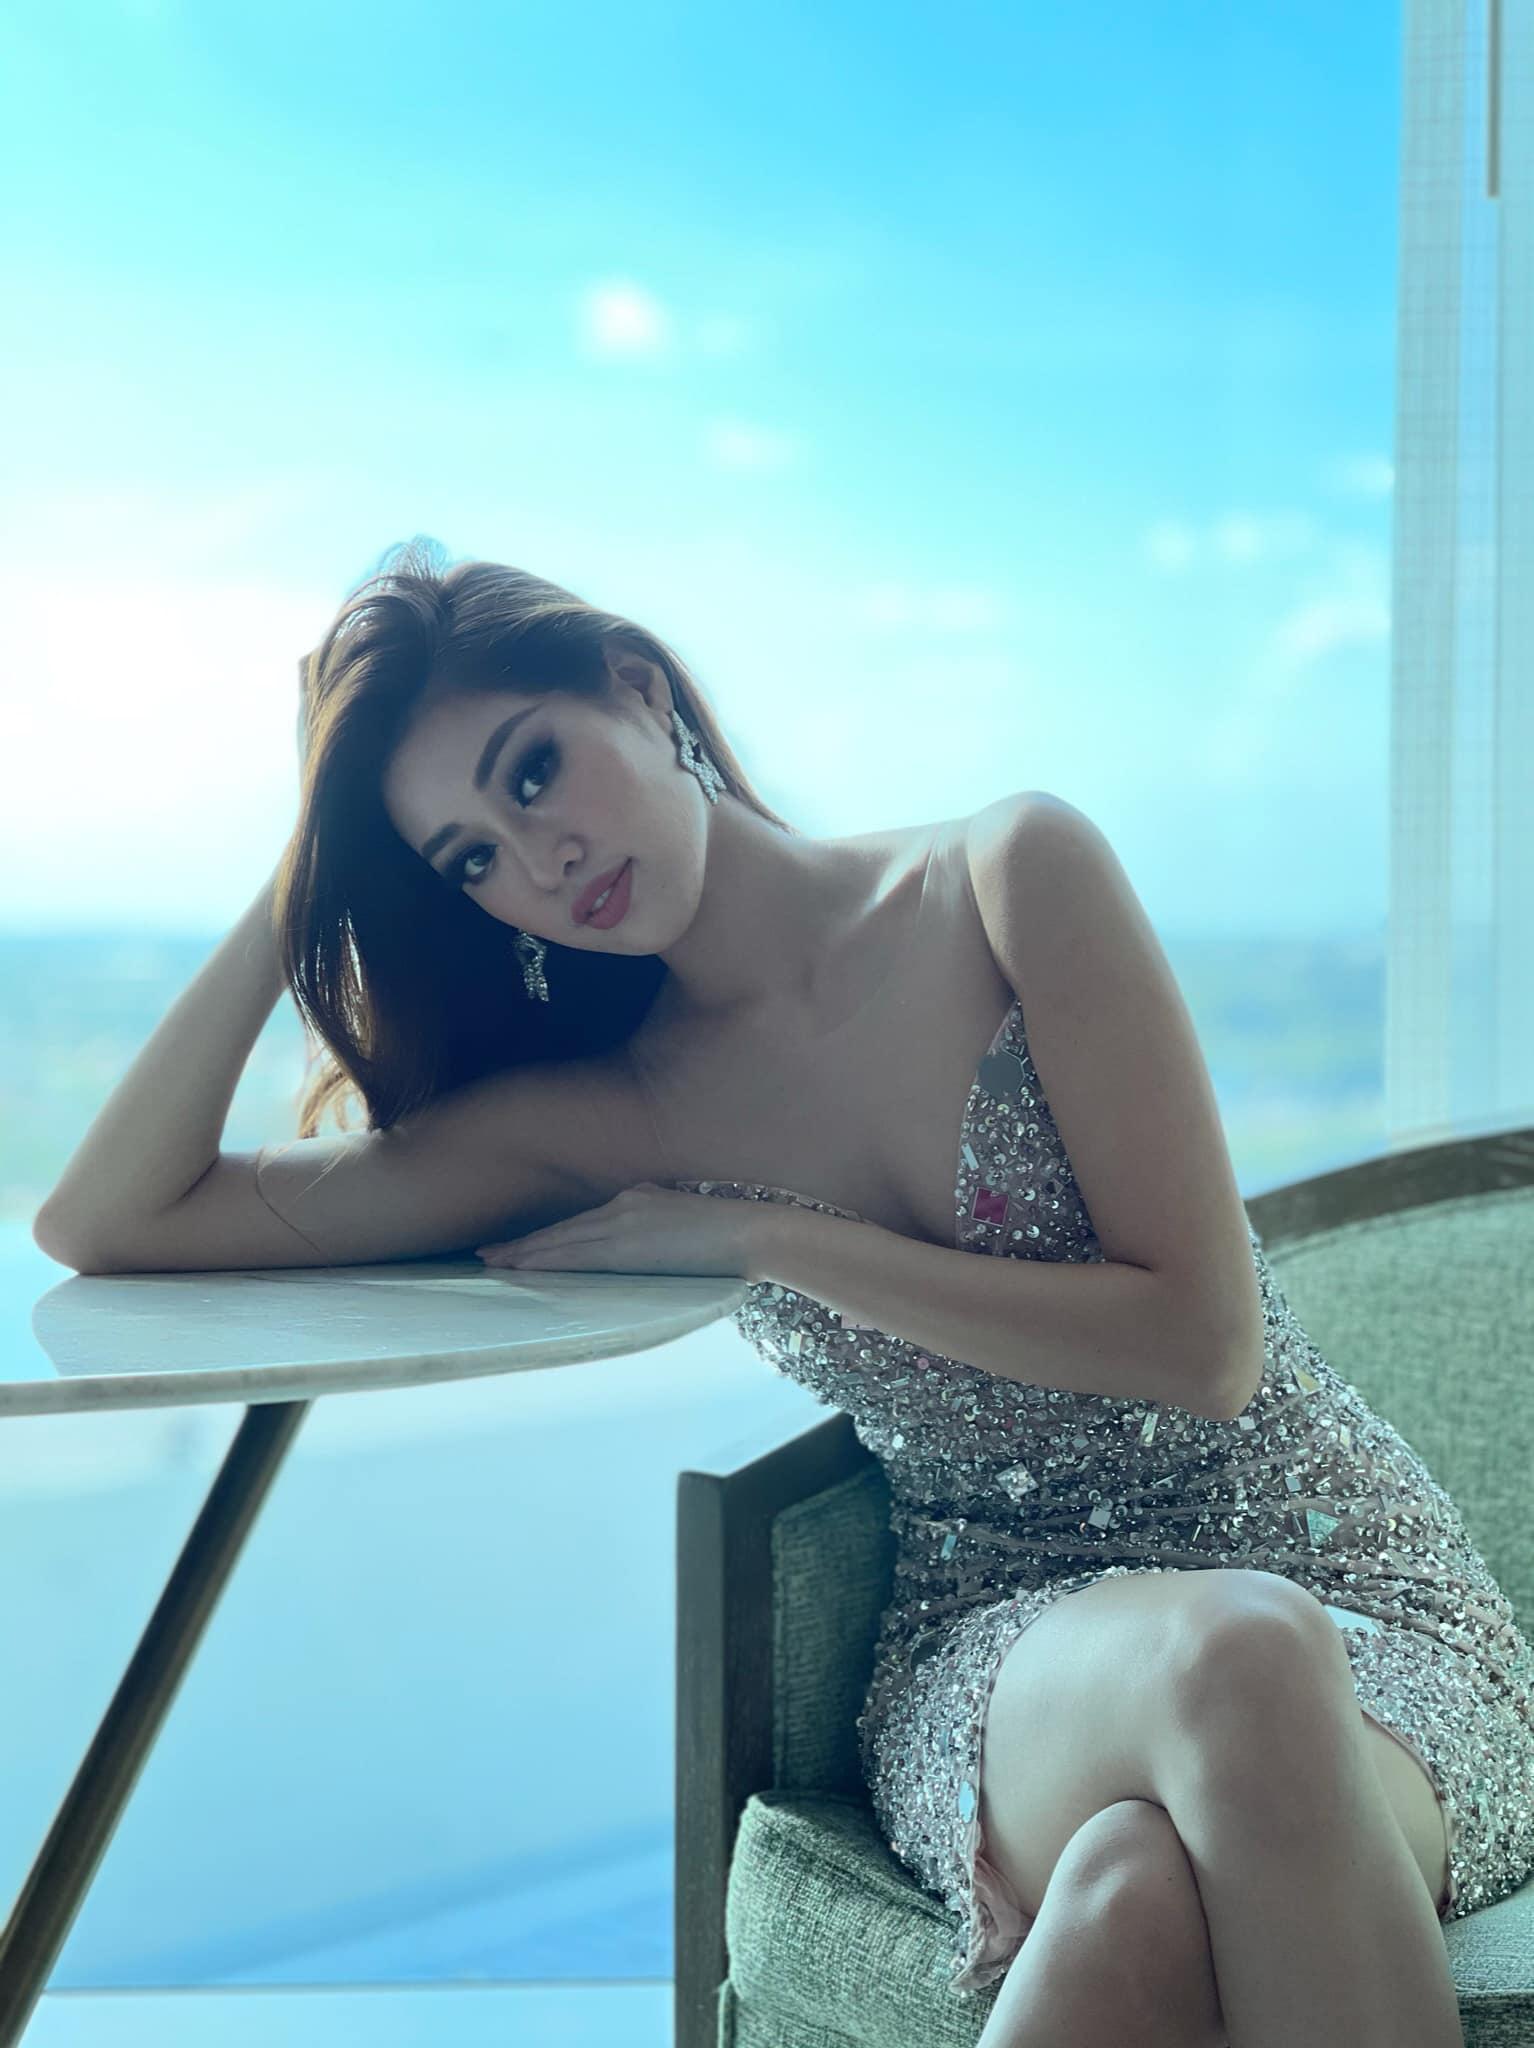 Bất ngờ Khánh Vân được dự đoán vào top 10 Miss Universe - Ảnh 1.